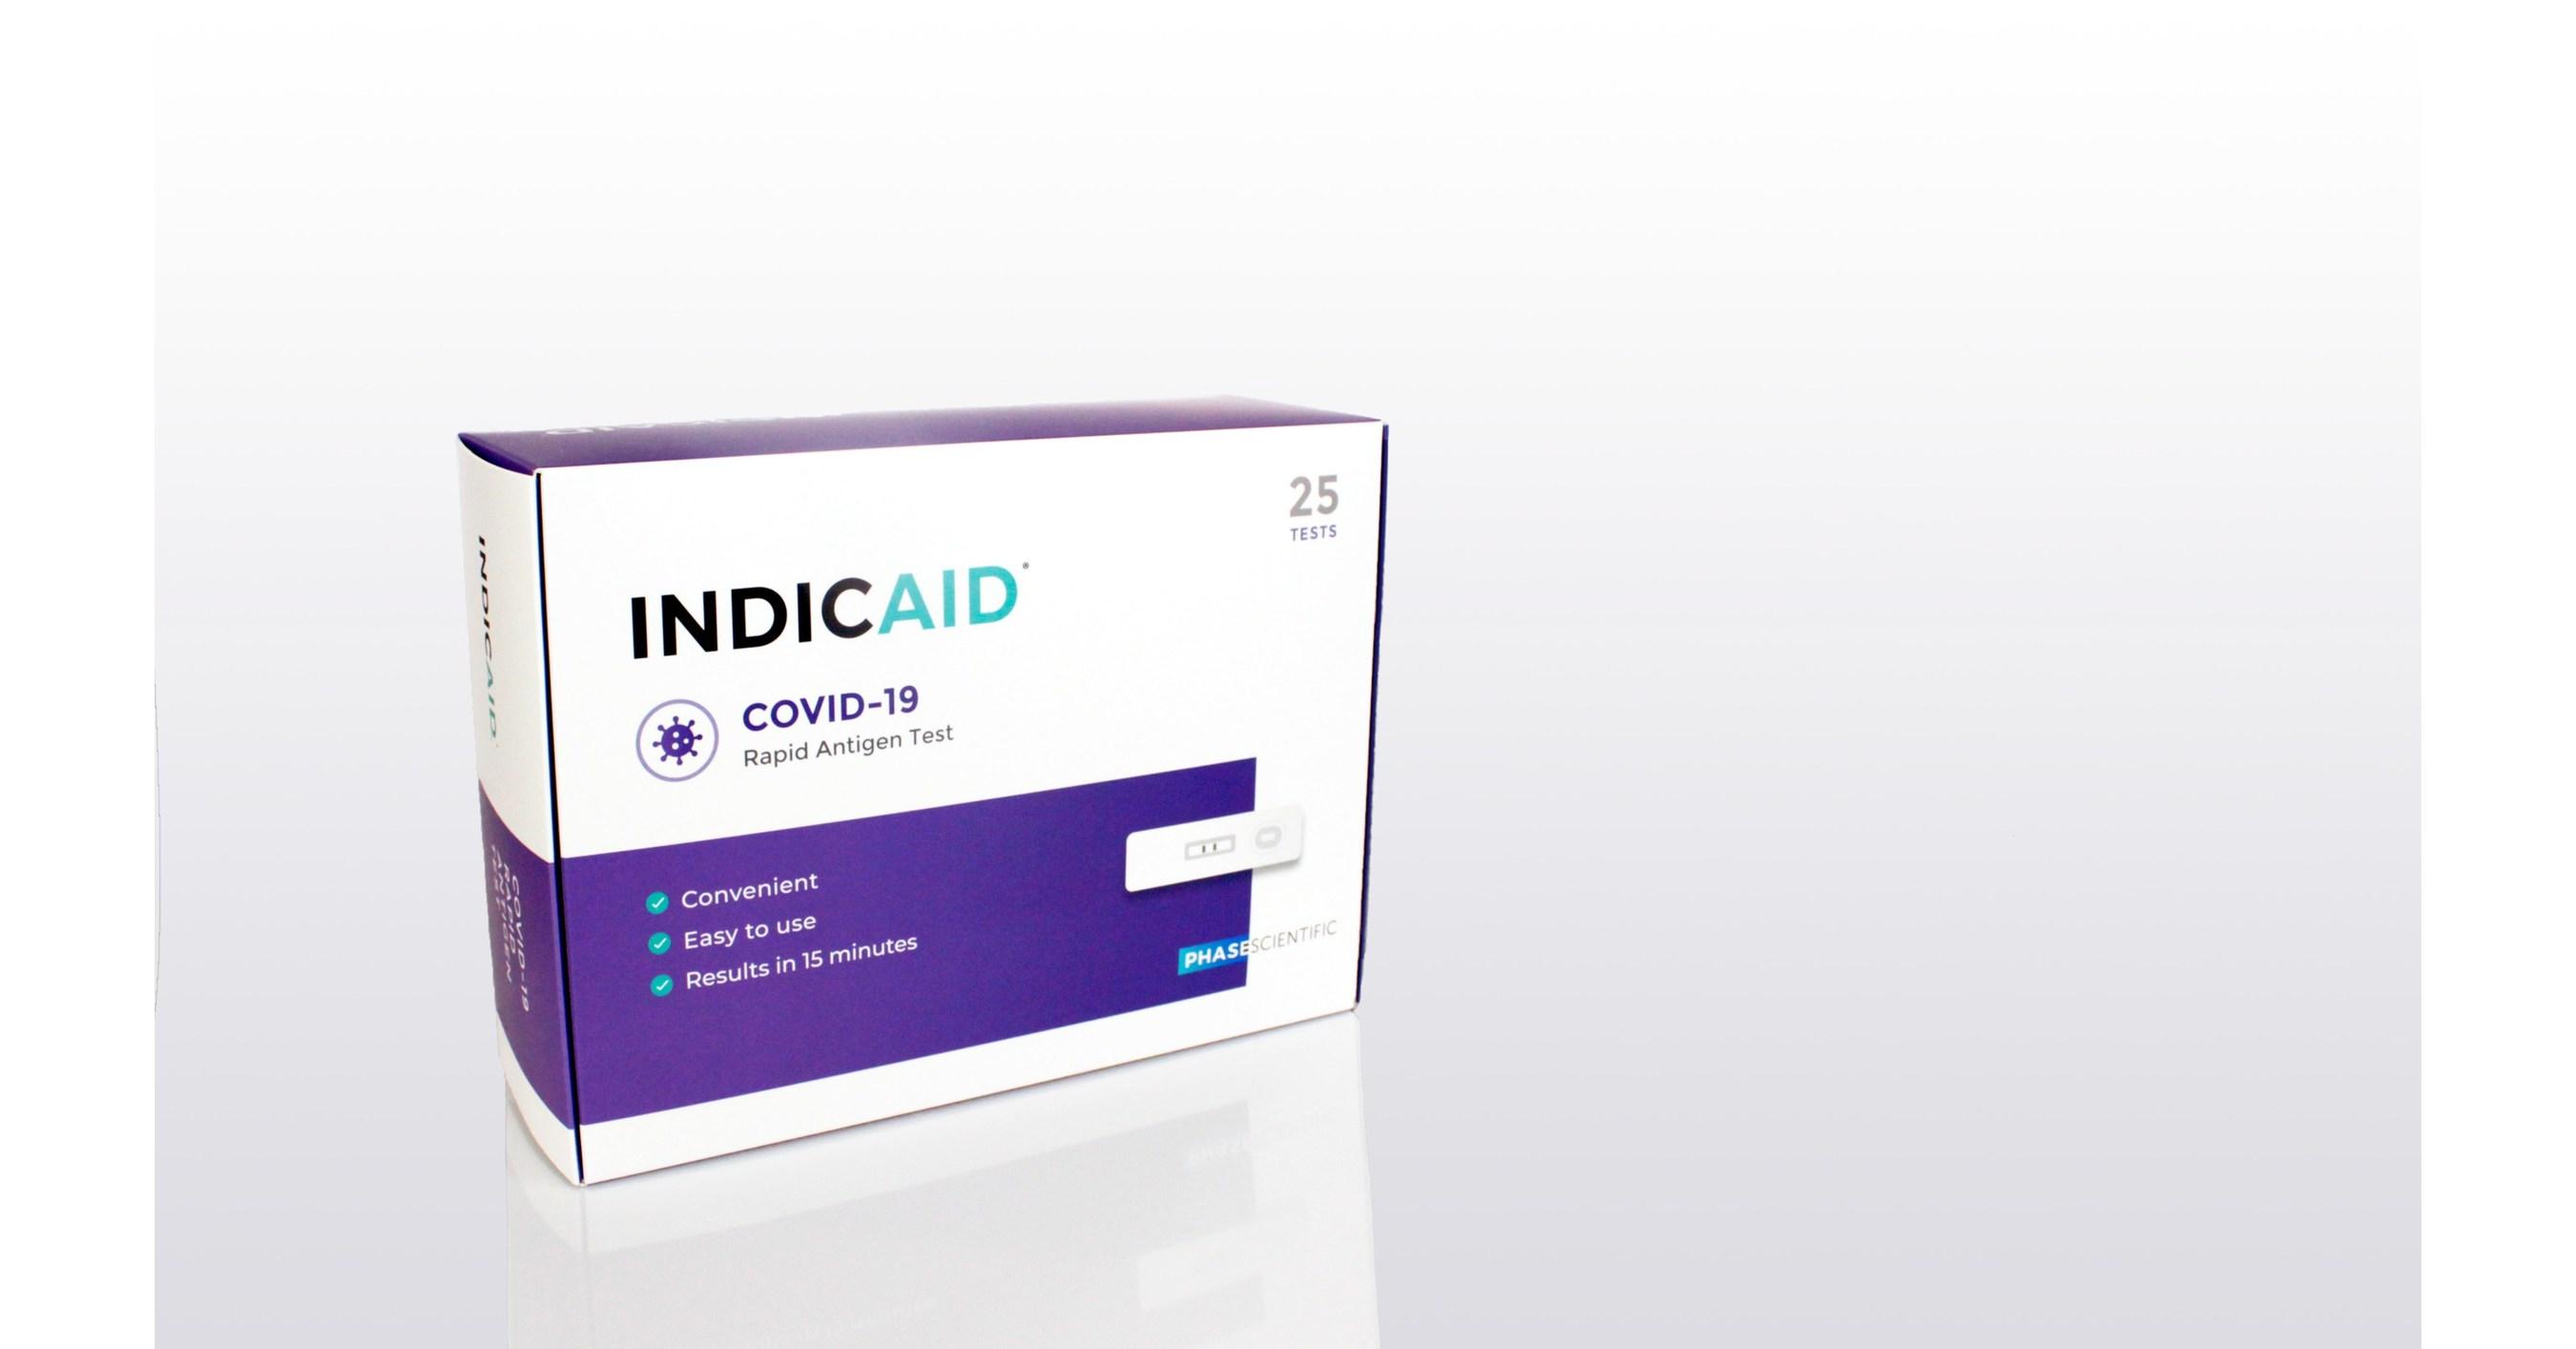 Test rapide antigénique de dépistage de la COVID-19 INDICAID™